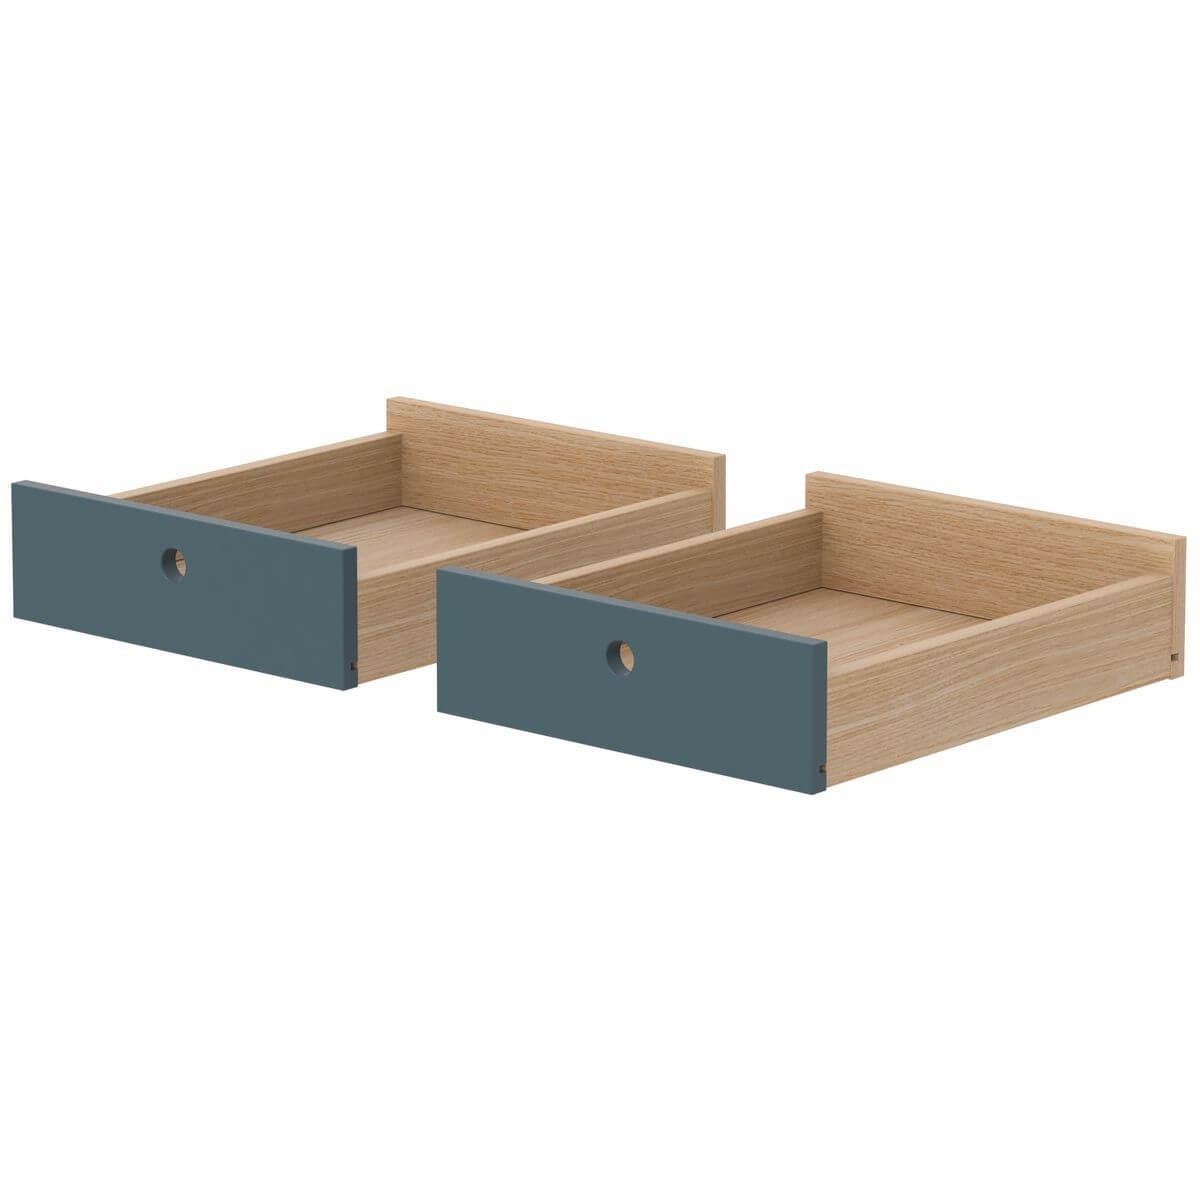 Schreibtischschubladen 2 Stk. POPSICLE Flexa Eiche-blueberry